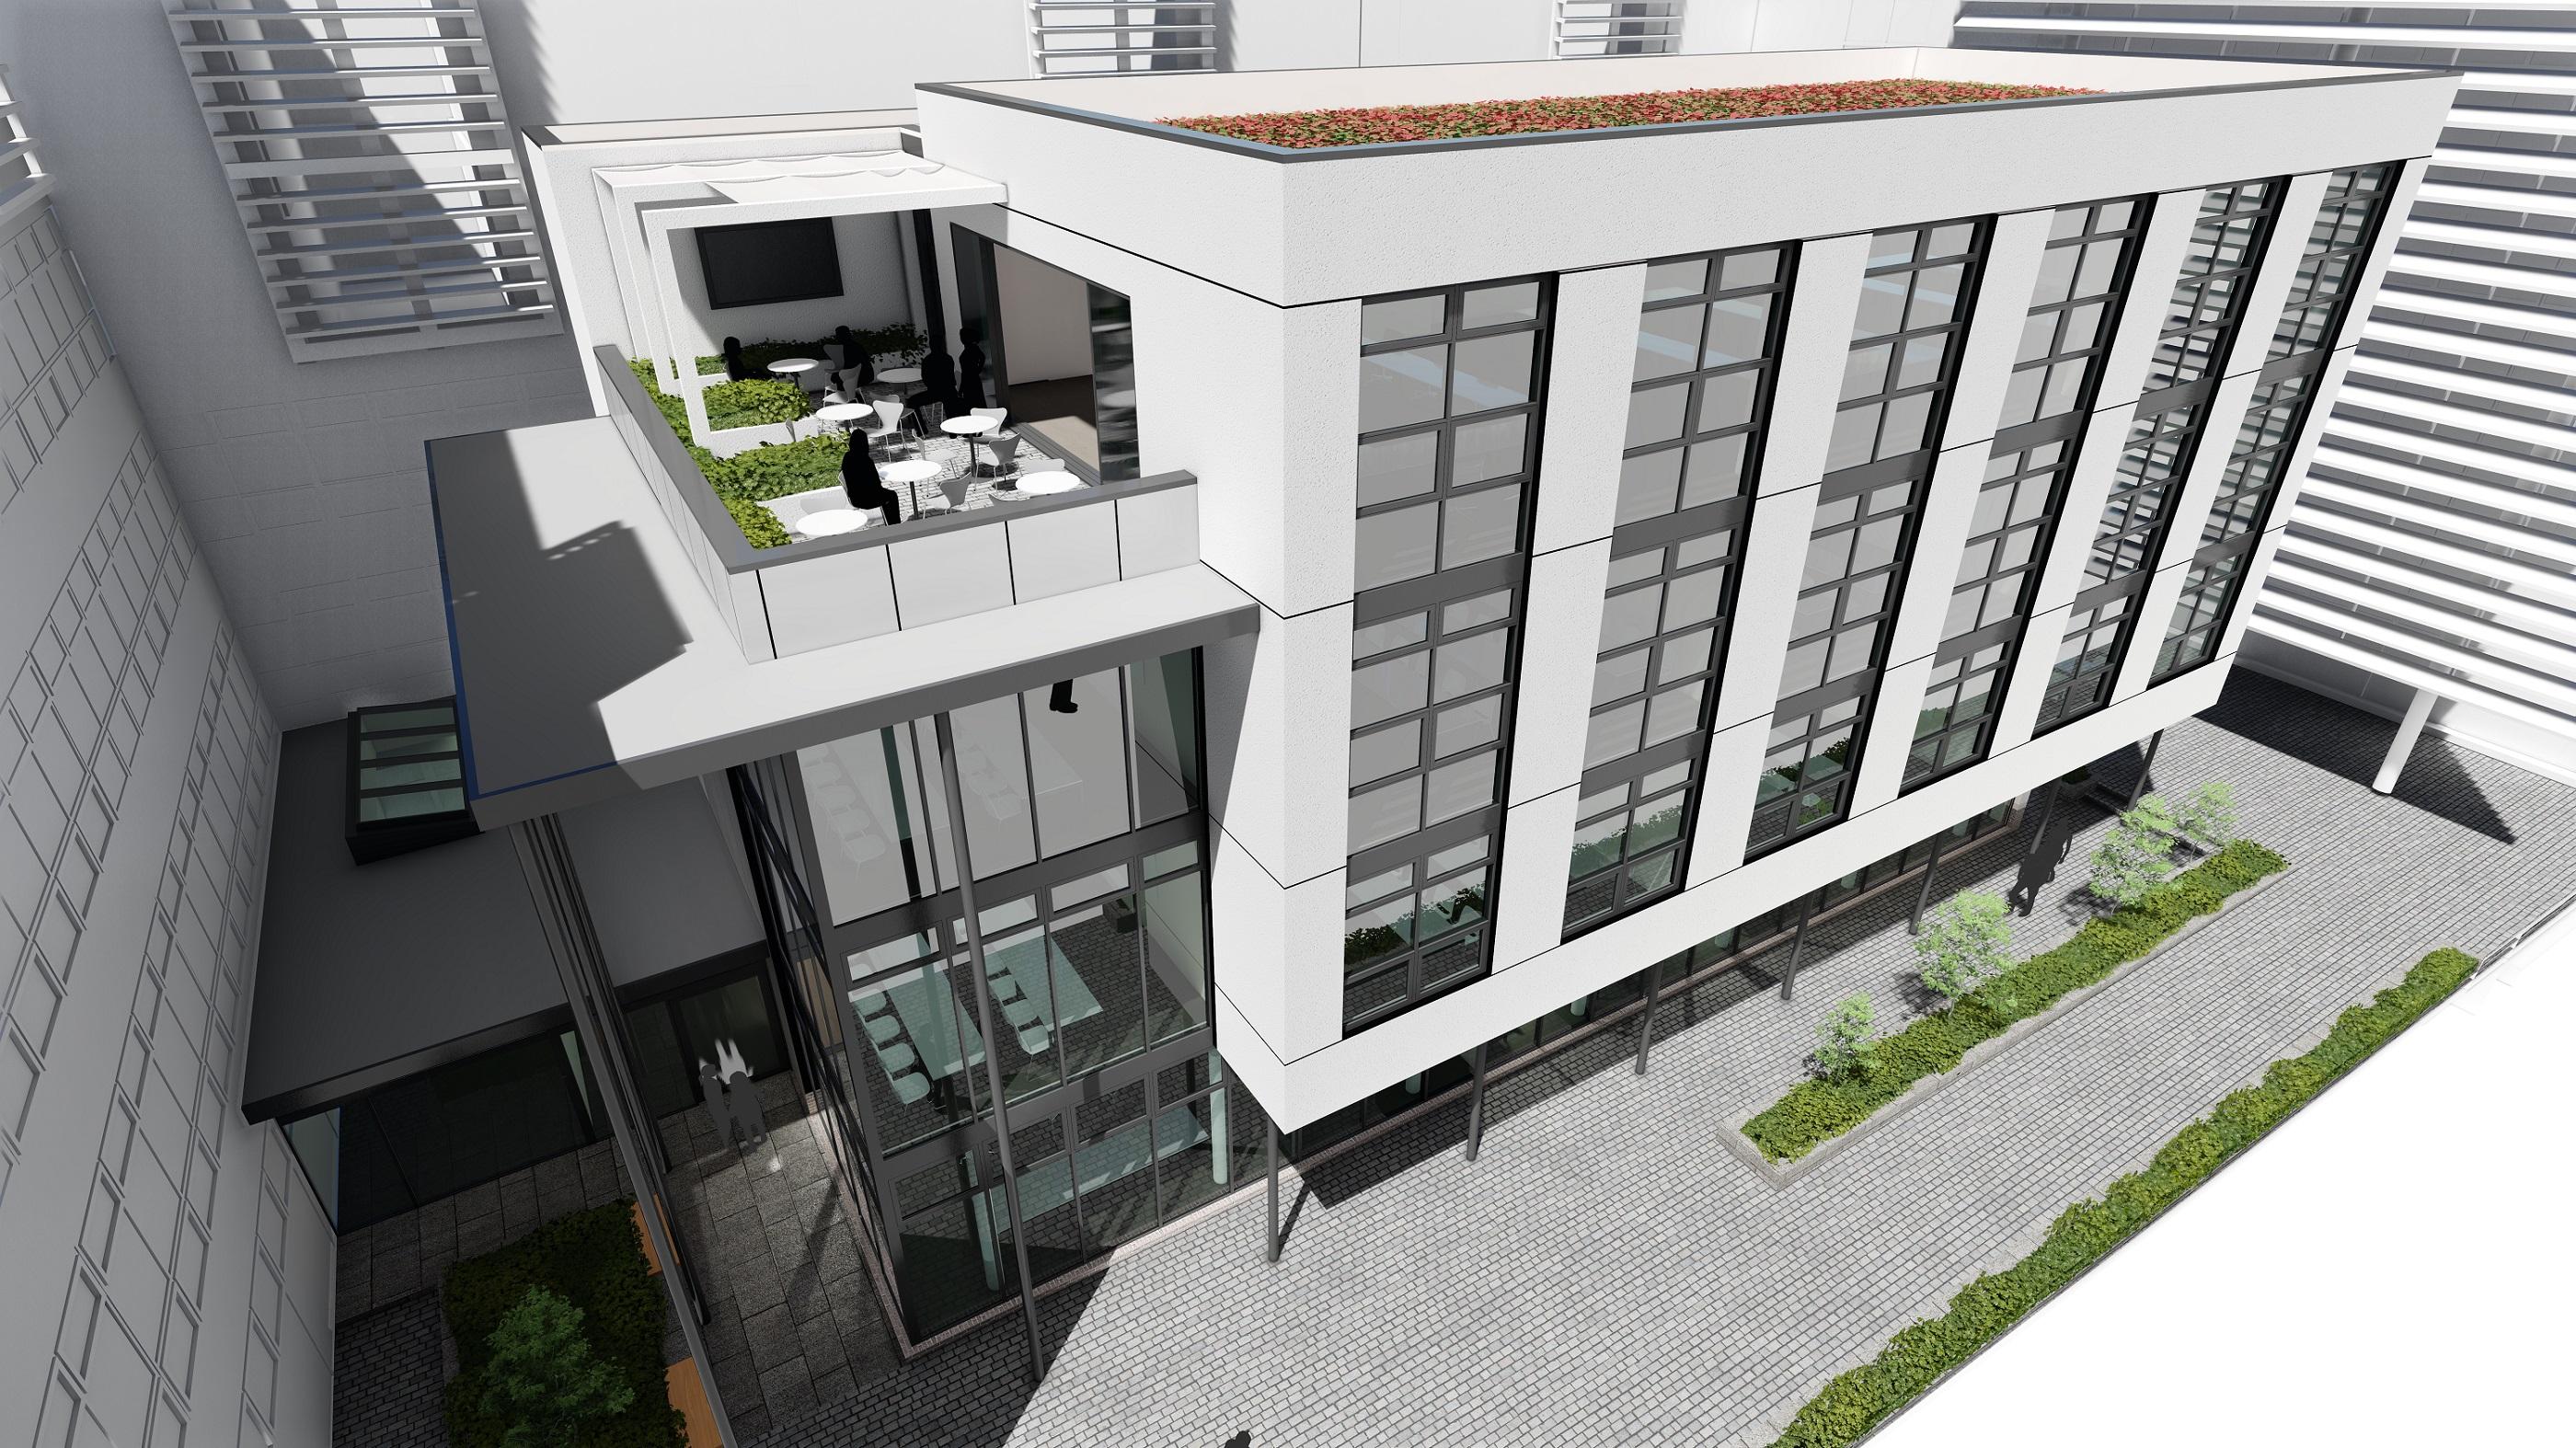 Hugh-Aston-Building-at-De-Montfort-Unive